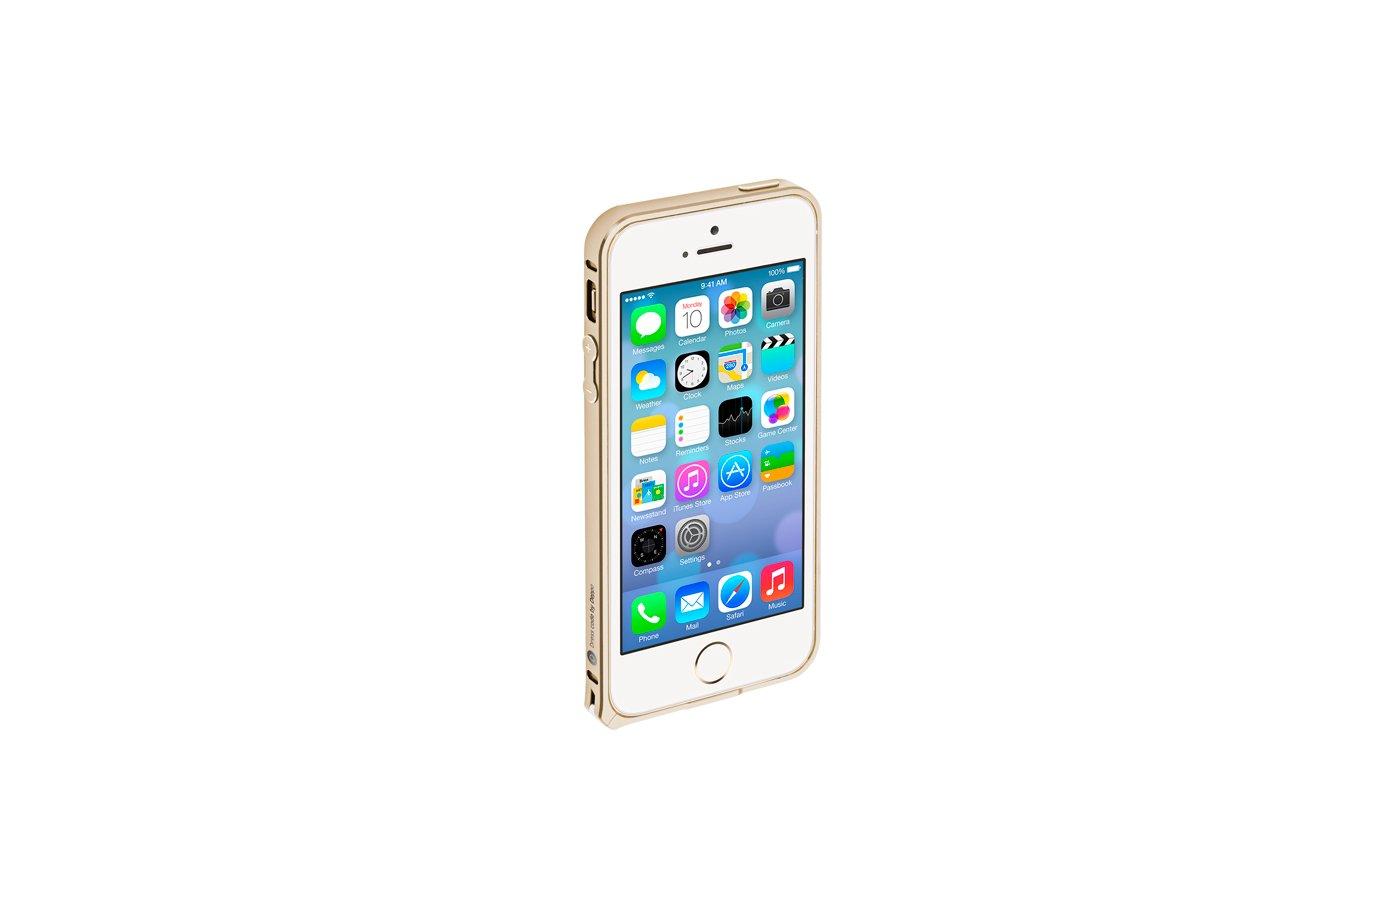 Чехол Deppa Alum для iPhone 5/5S/SE графит